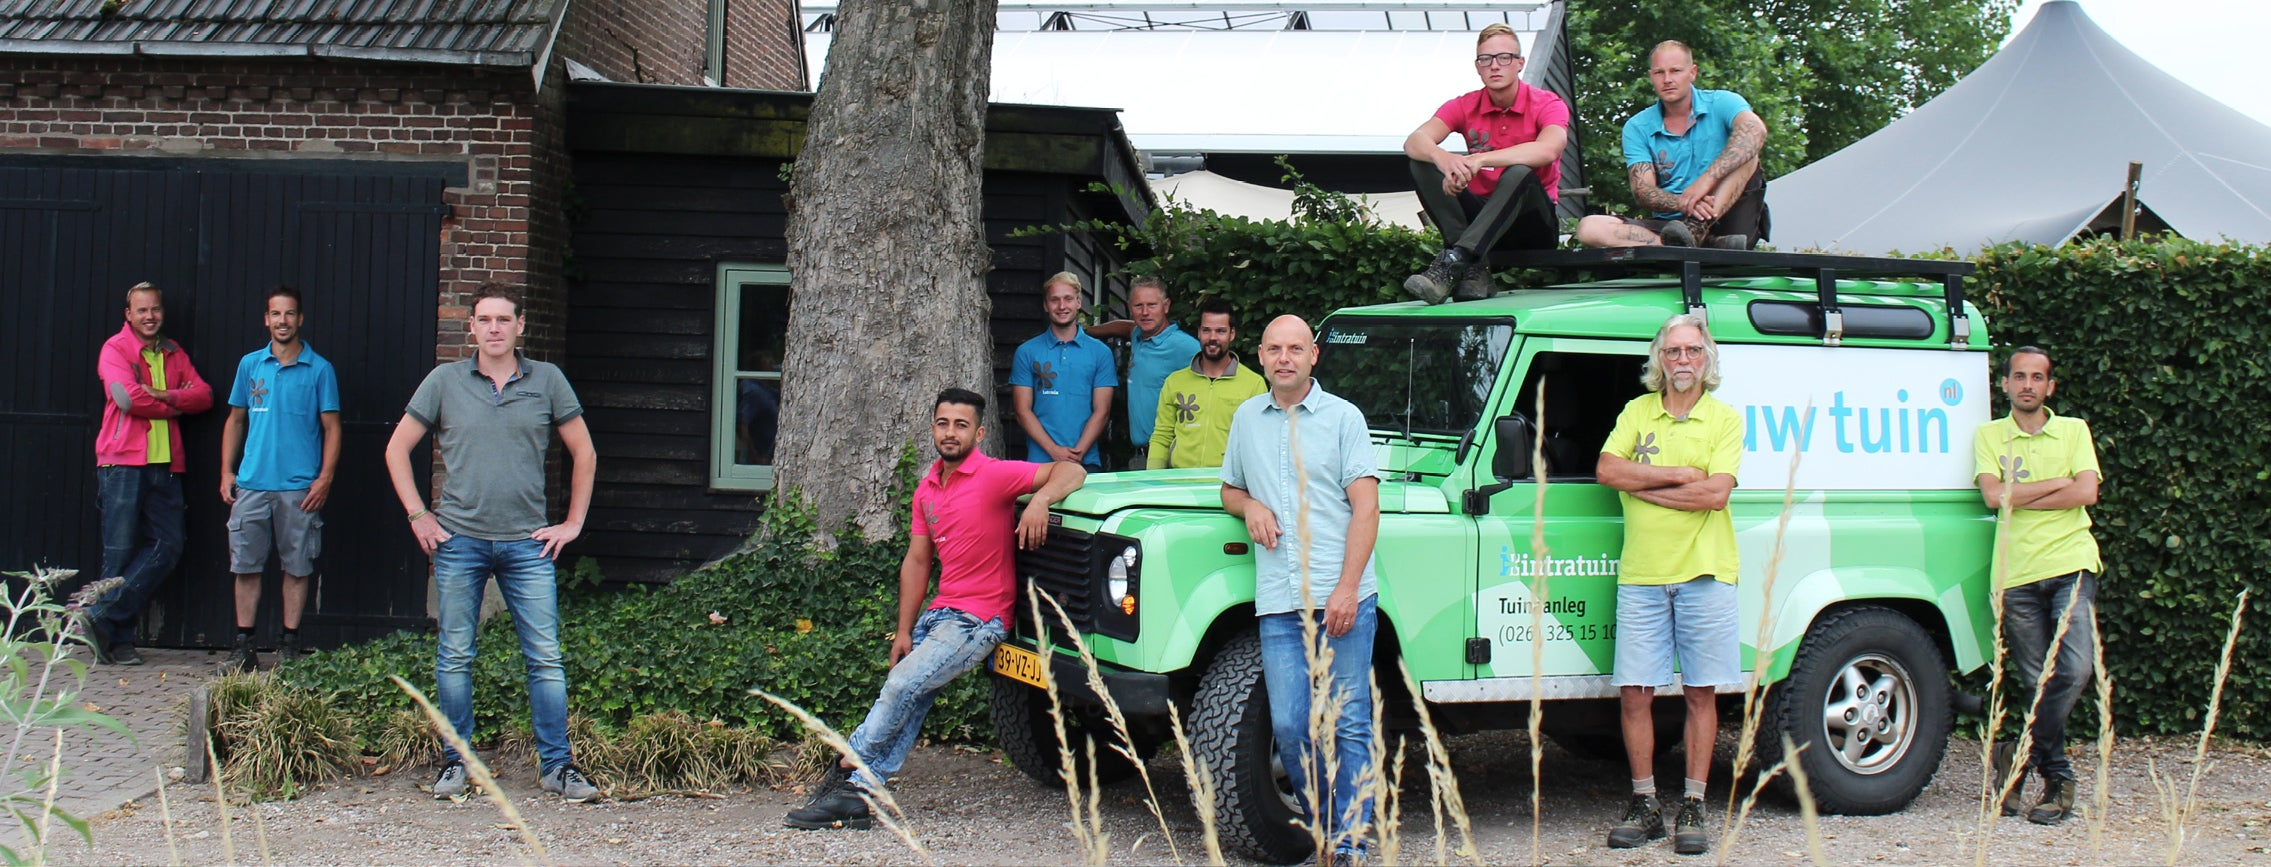 uwtuin.nl, hoveniers